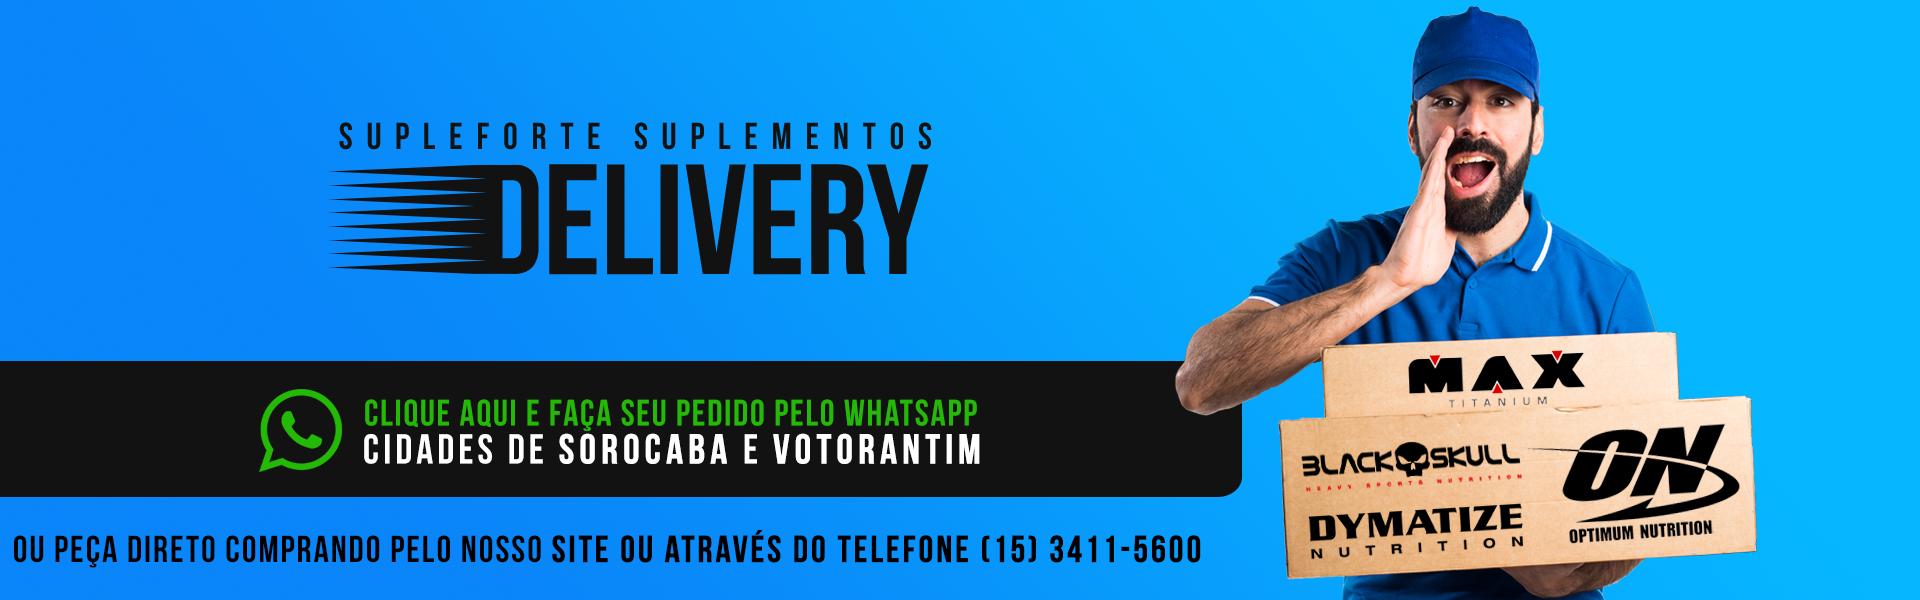 clique aqui e faça seu pedido via whatsapp!